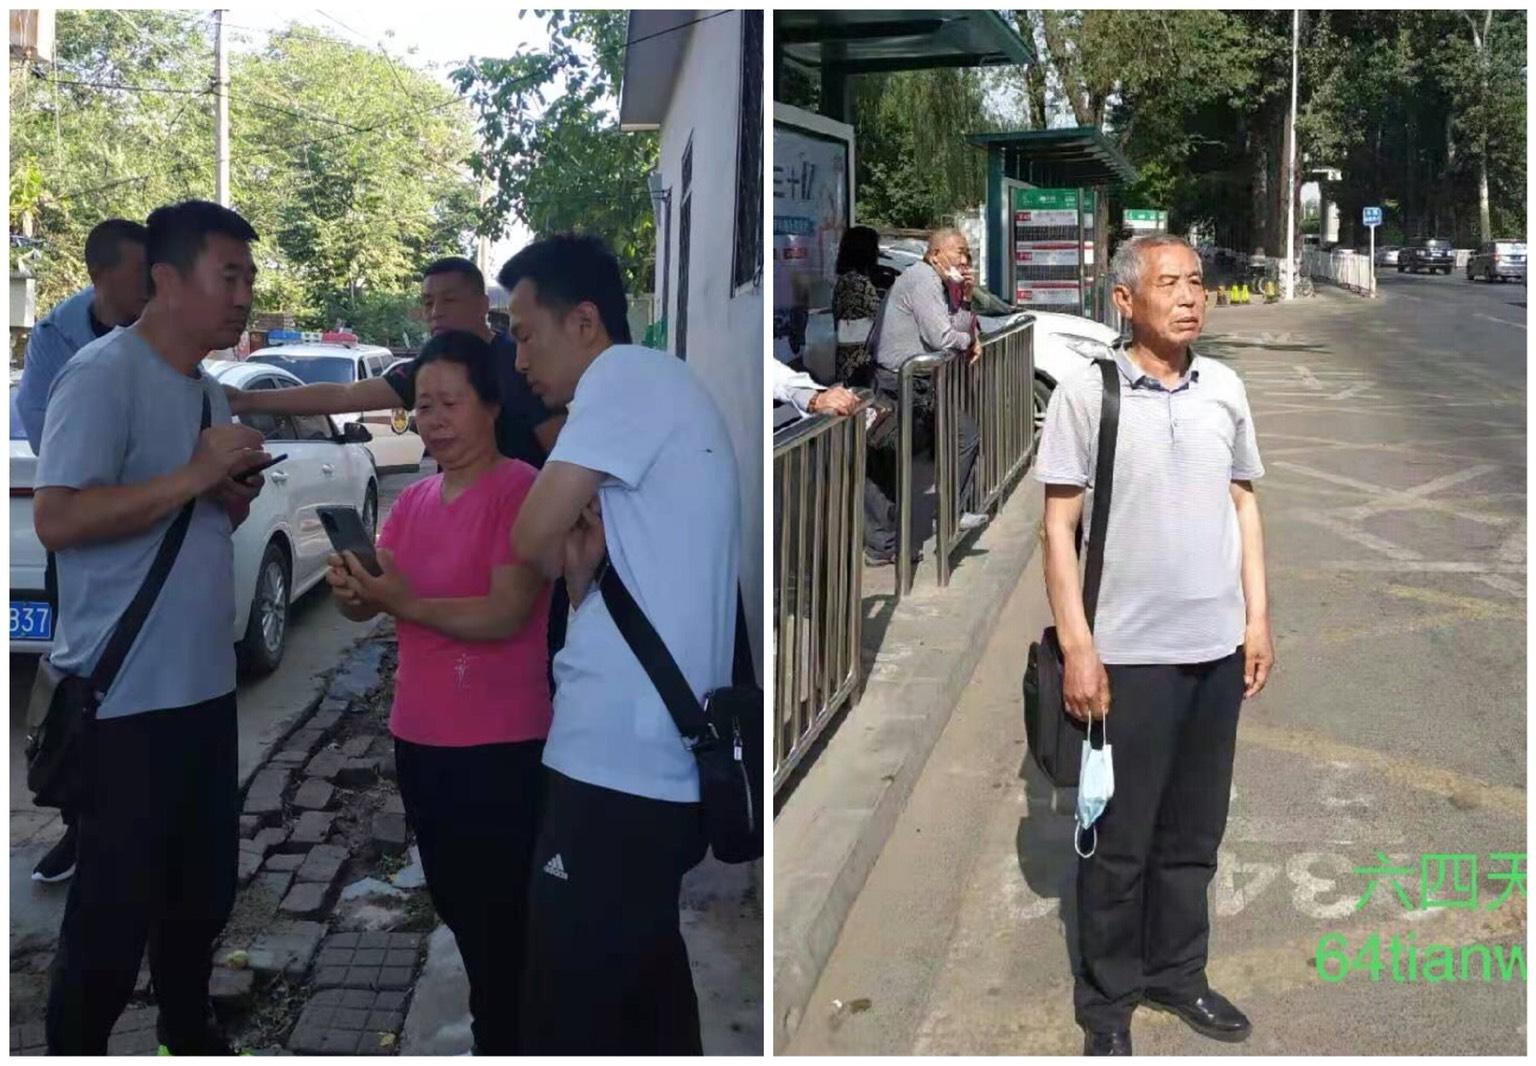 遼寧訪民姜家文2021年6月10日早上在北京租屋處被丹東地方警察和信訪局官員截回原籍。(64天網/大紀元合成)